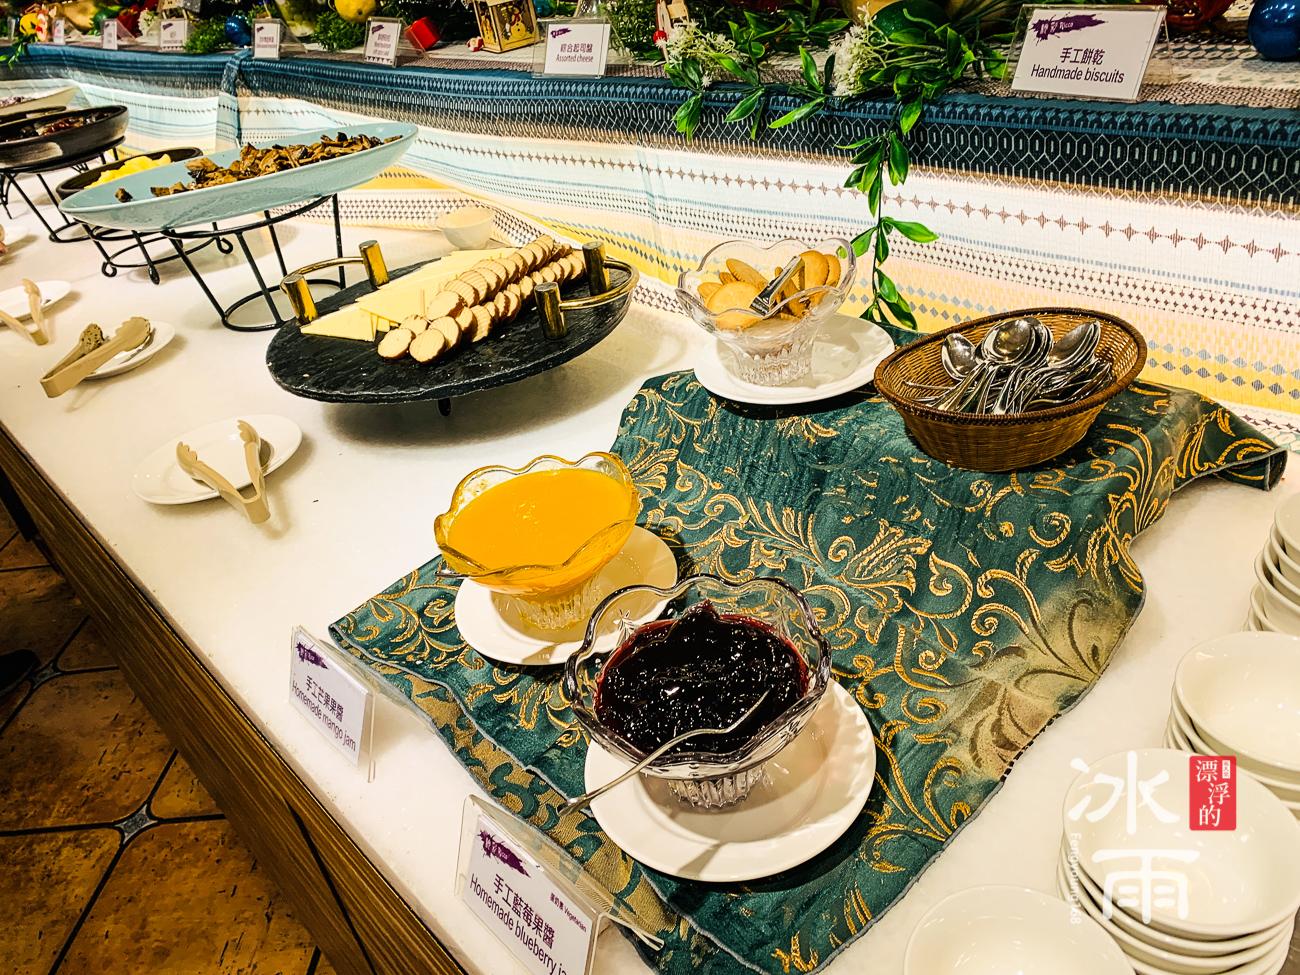 陽明山天籟溫泉會館|早餐菜色|果醬